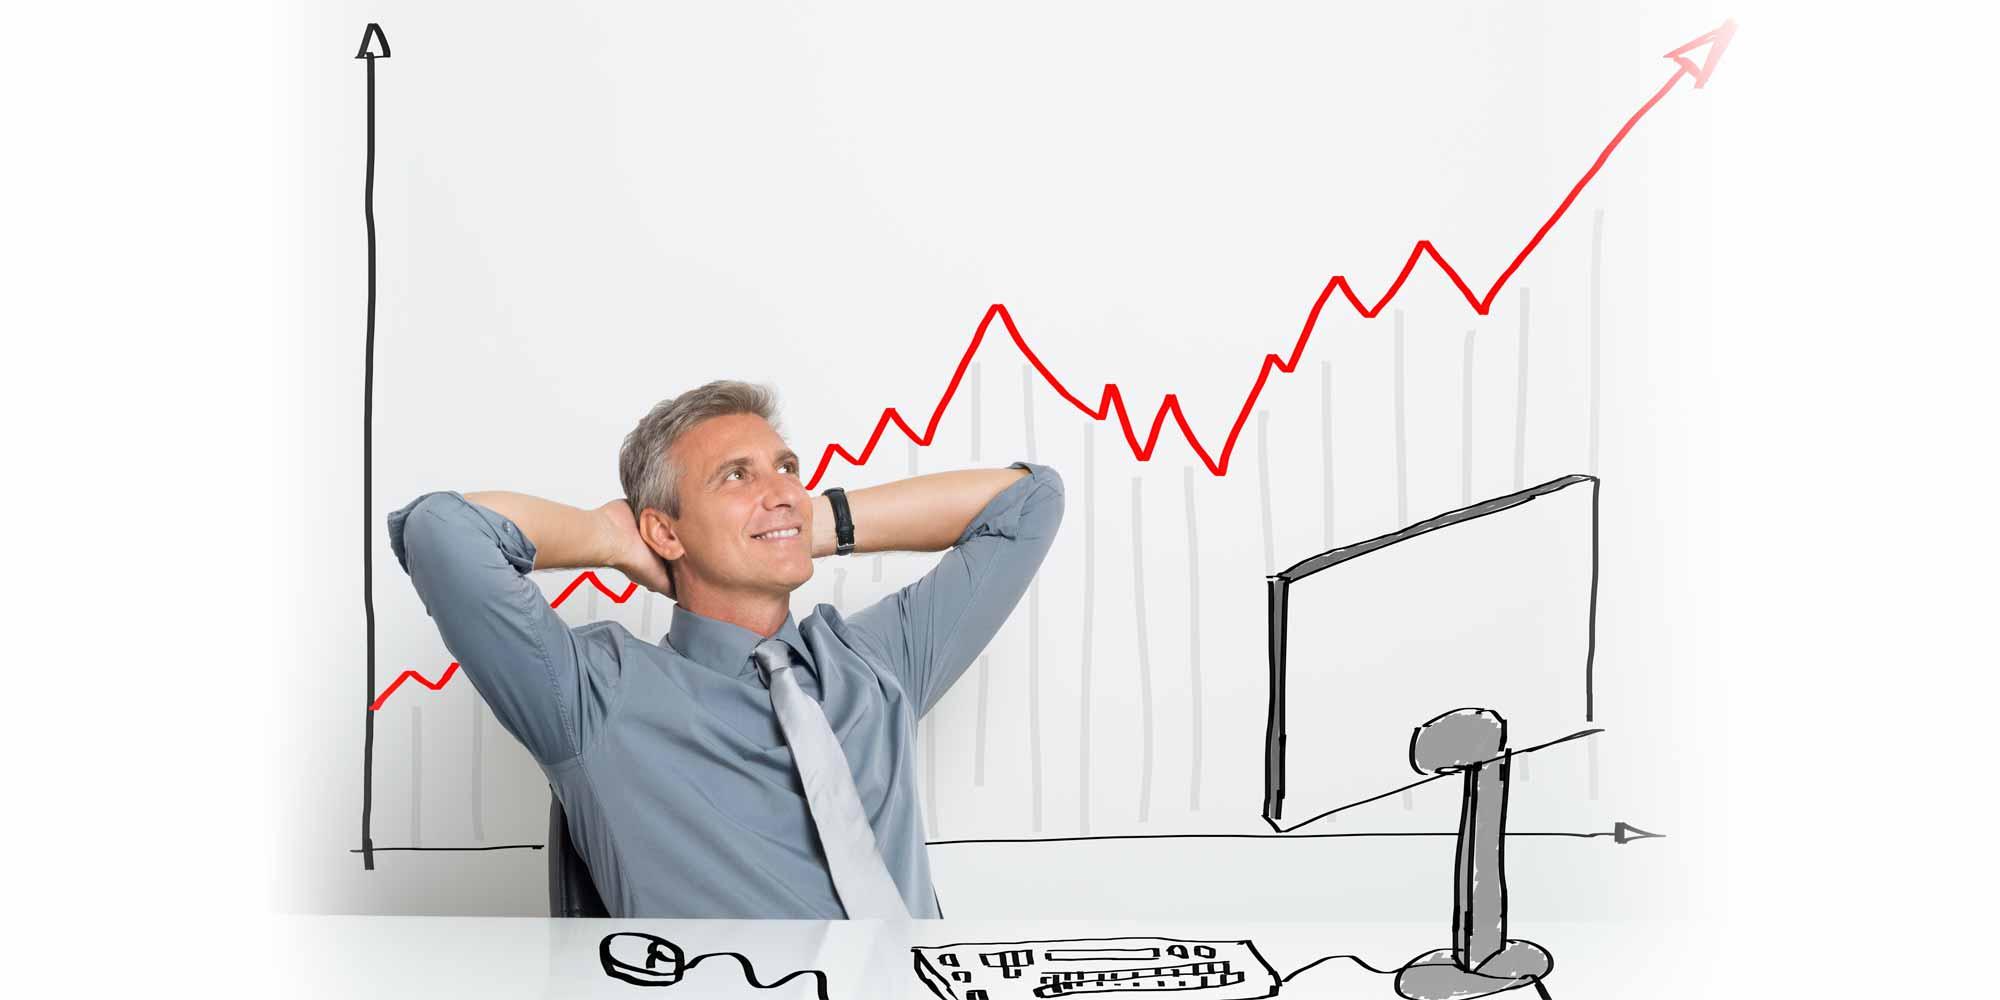 Die günstigsten Online-Broker im Depot Vergleich